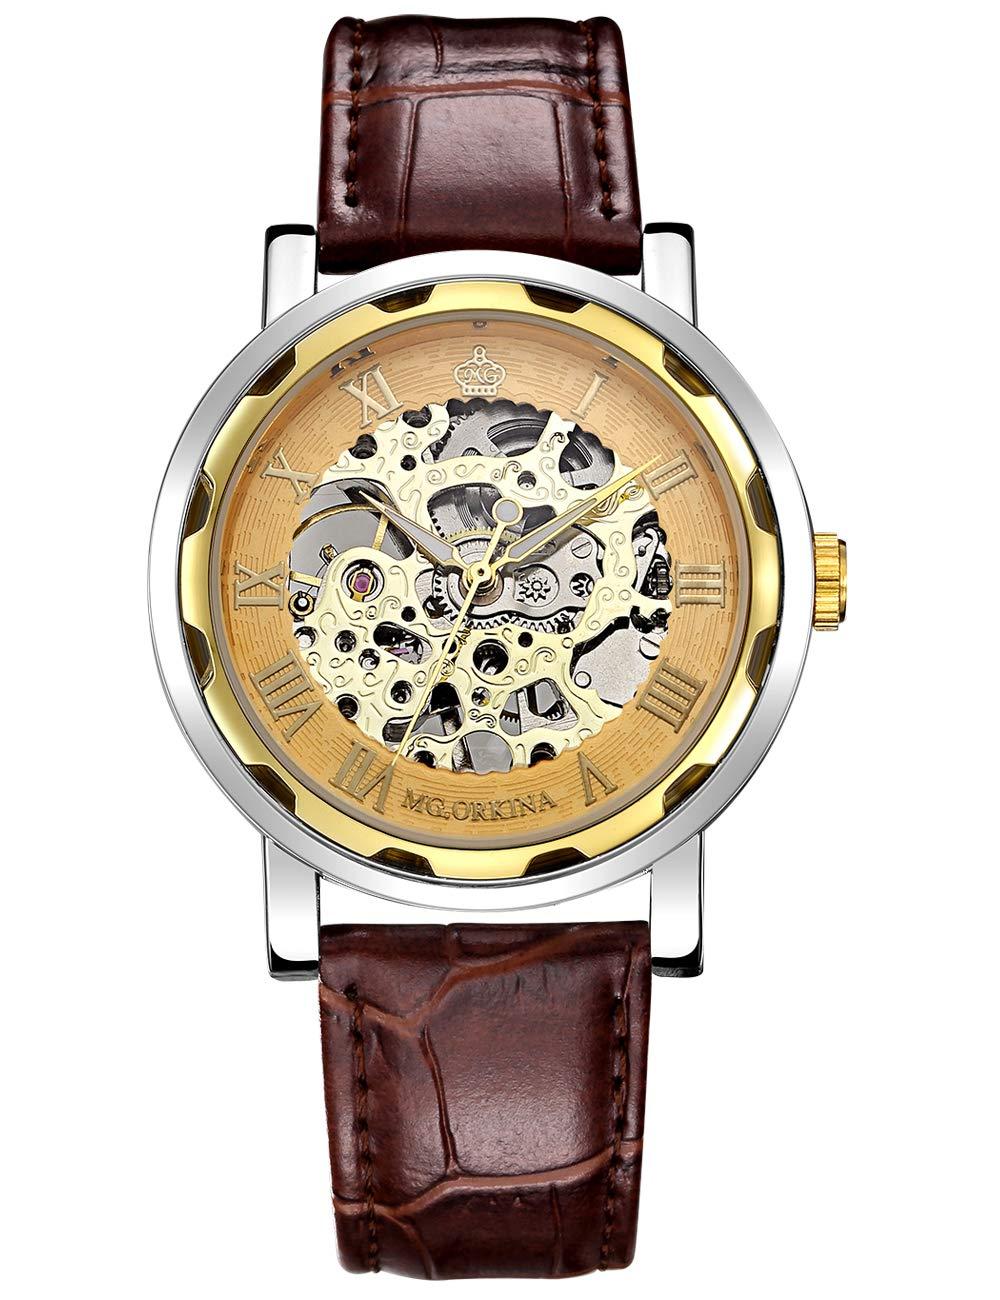 GuTe Steampunk Golden Style Skeleton Unisex Mechanical Hand-wind Wrist Watch Brown Band